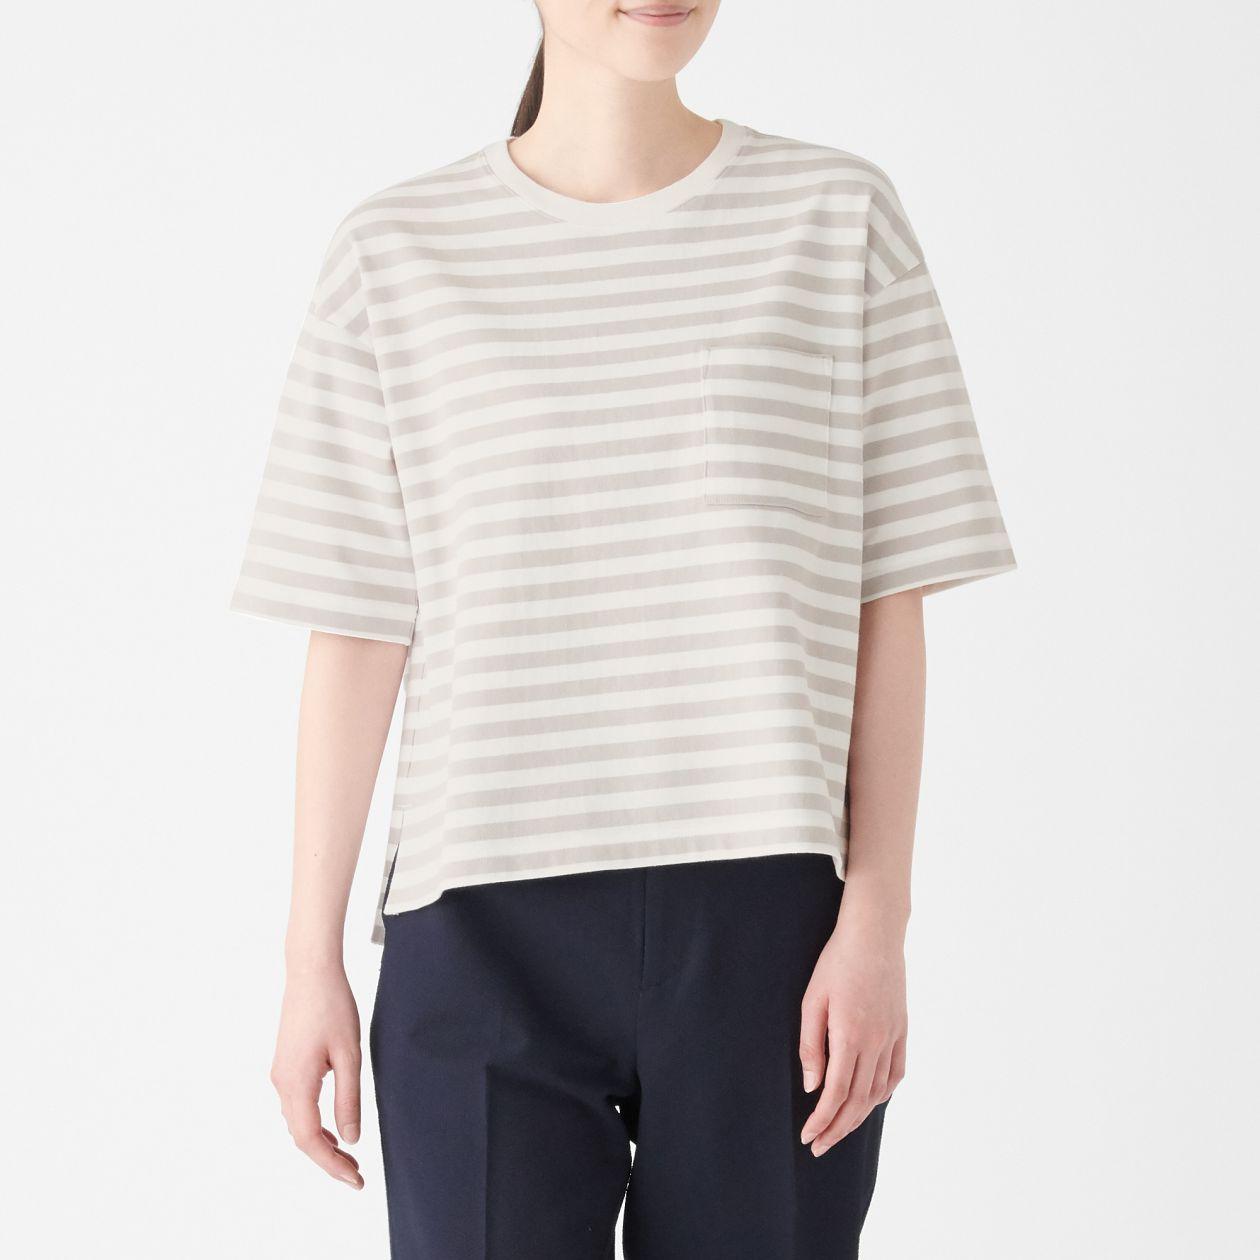 太番手天竺編みクルーネックワイドTシャツ(五分袖)